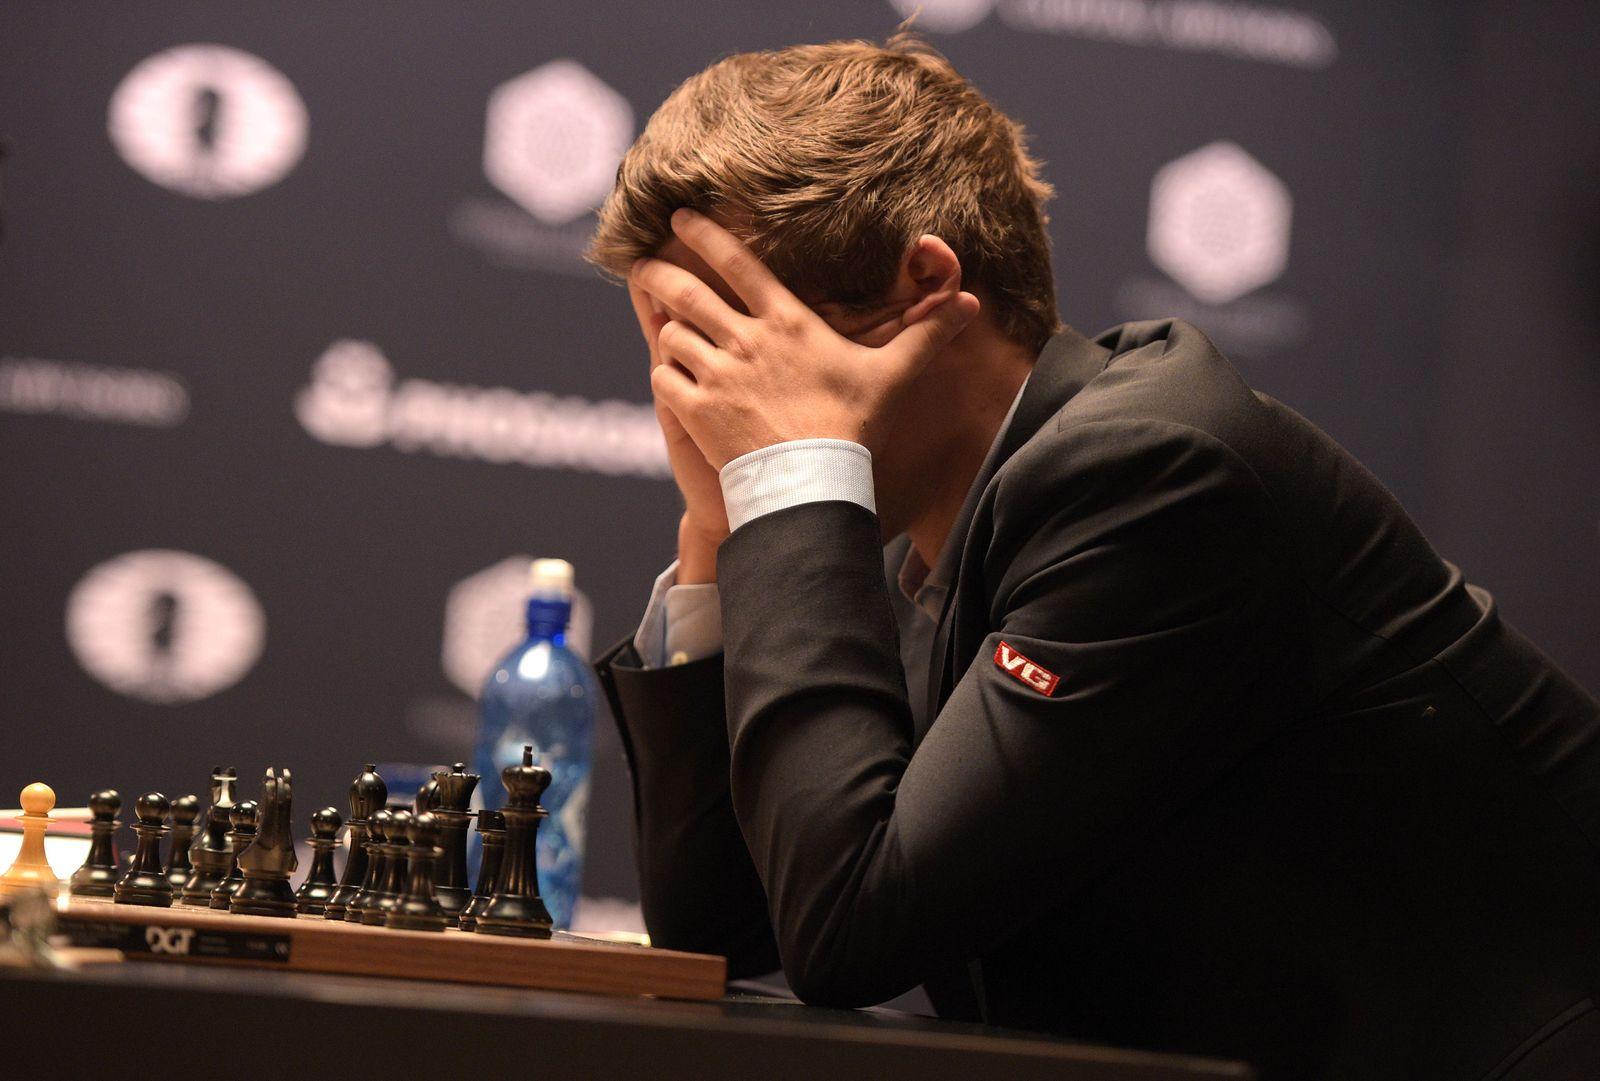 Schach/ Großmeister/ Magnus Carlsen